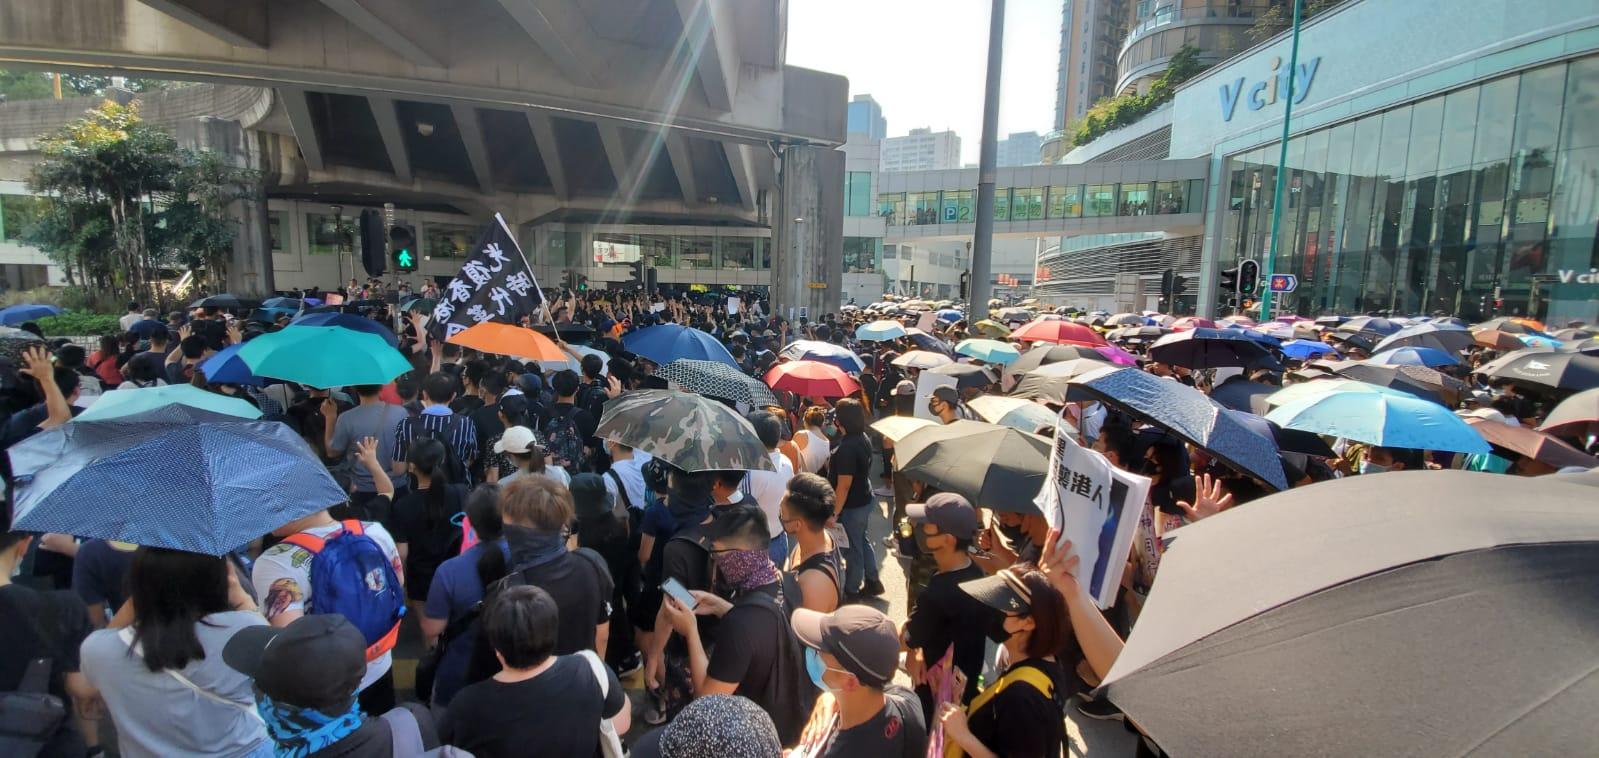 今日屯門有團體舉辦遊行。